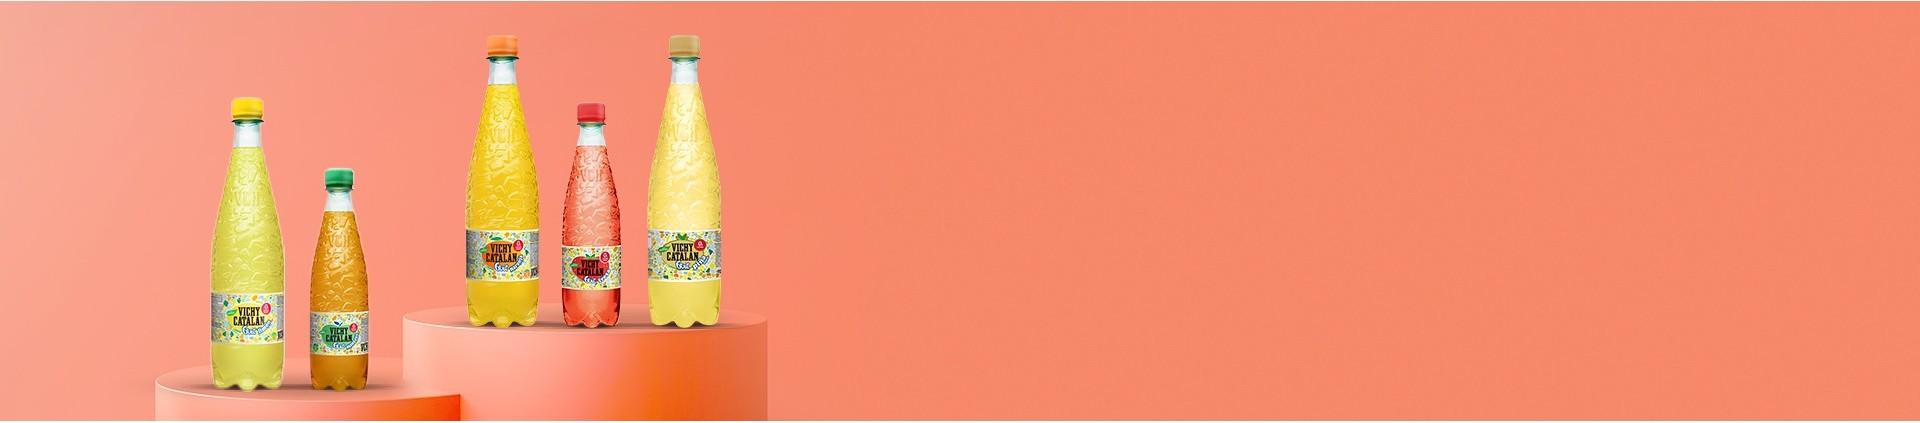 Vichy Catalan Fruit -  La Tienda Vichy